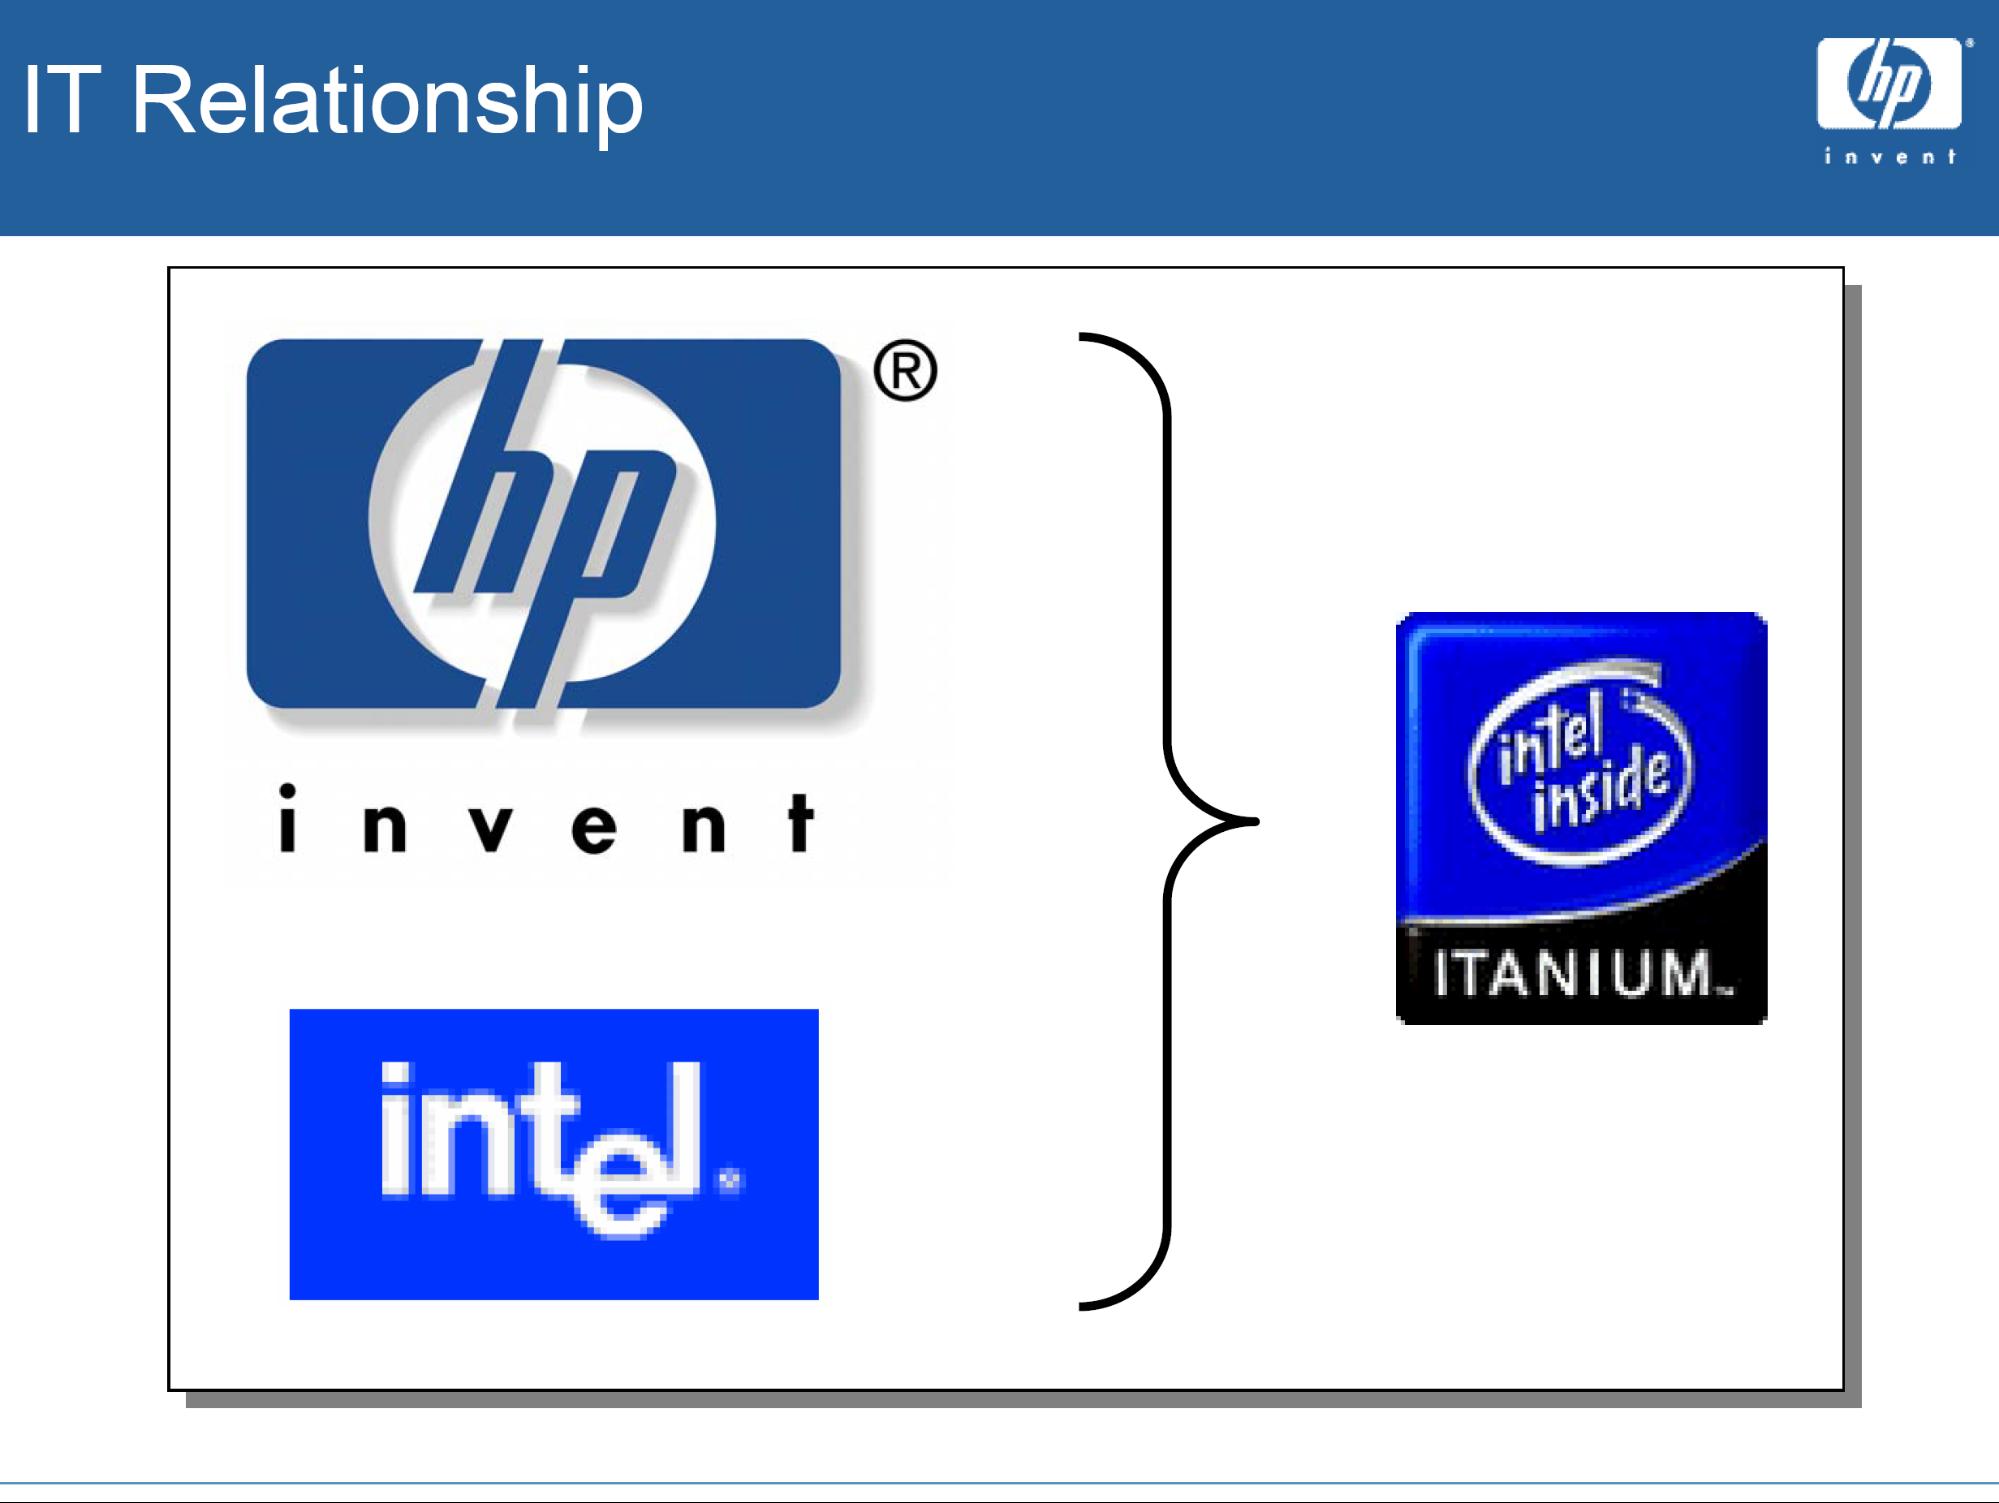 照片中提到了IT Relationship、invent、®,跟康柏、英特爾有關,包含了惠普32 GB PenDrive、USB閃存盤、電腦、USB、生命值